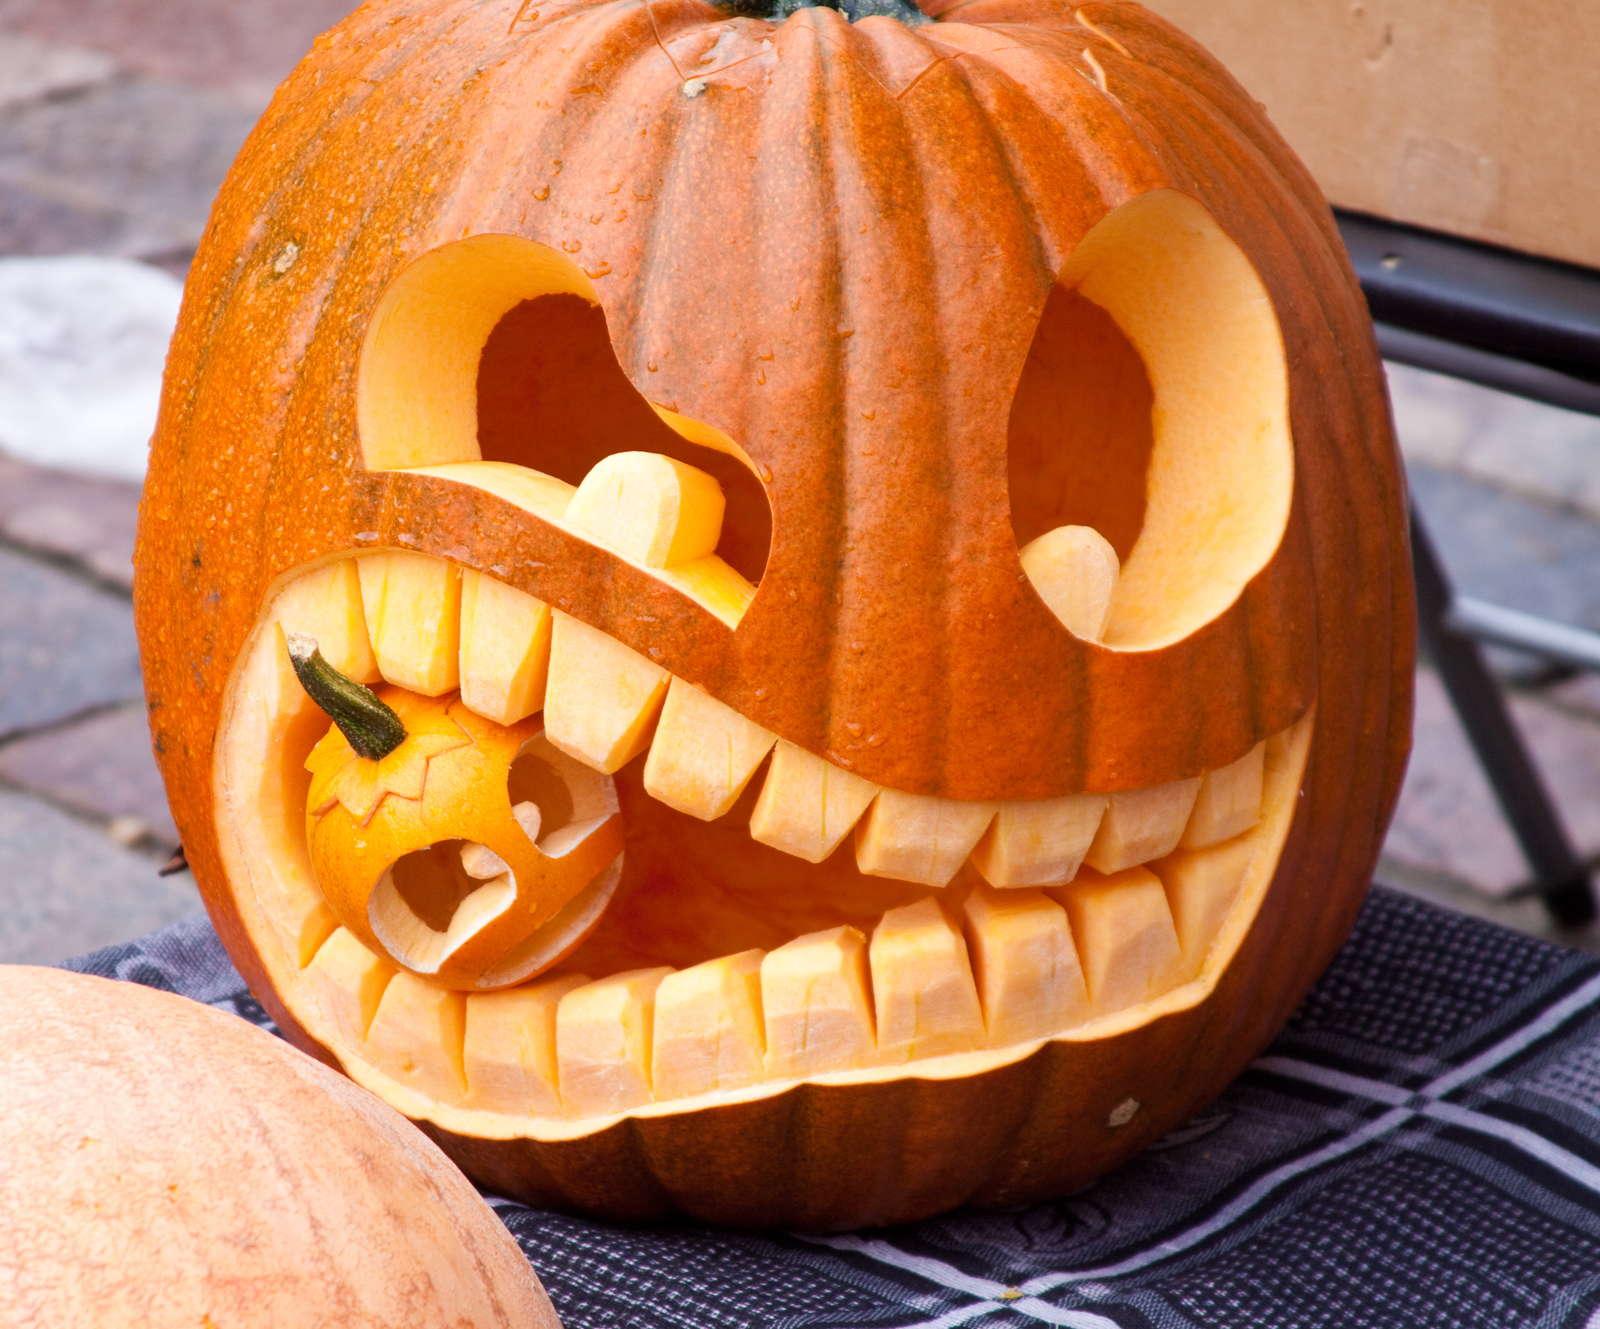 Những quả bí ngô cũng có thể trở thành ý tưởng thú vị cho trò chơi Halloween